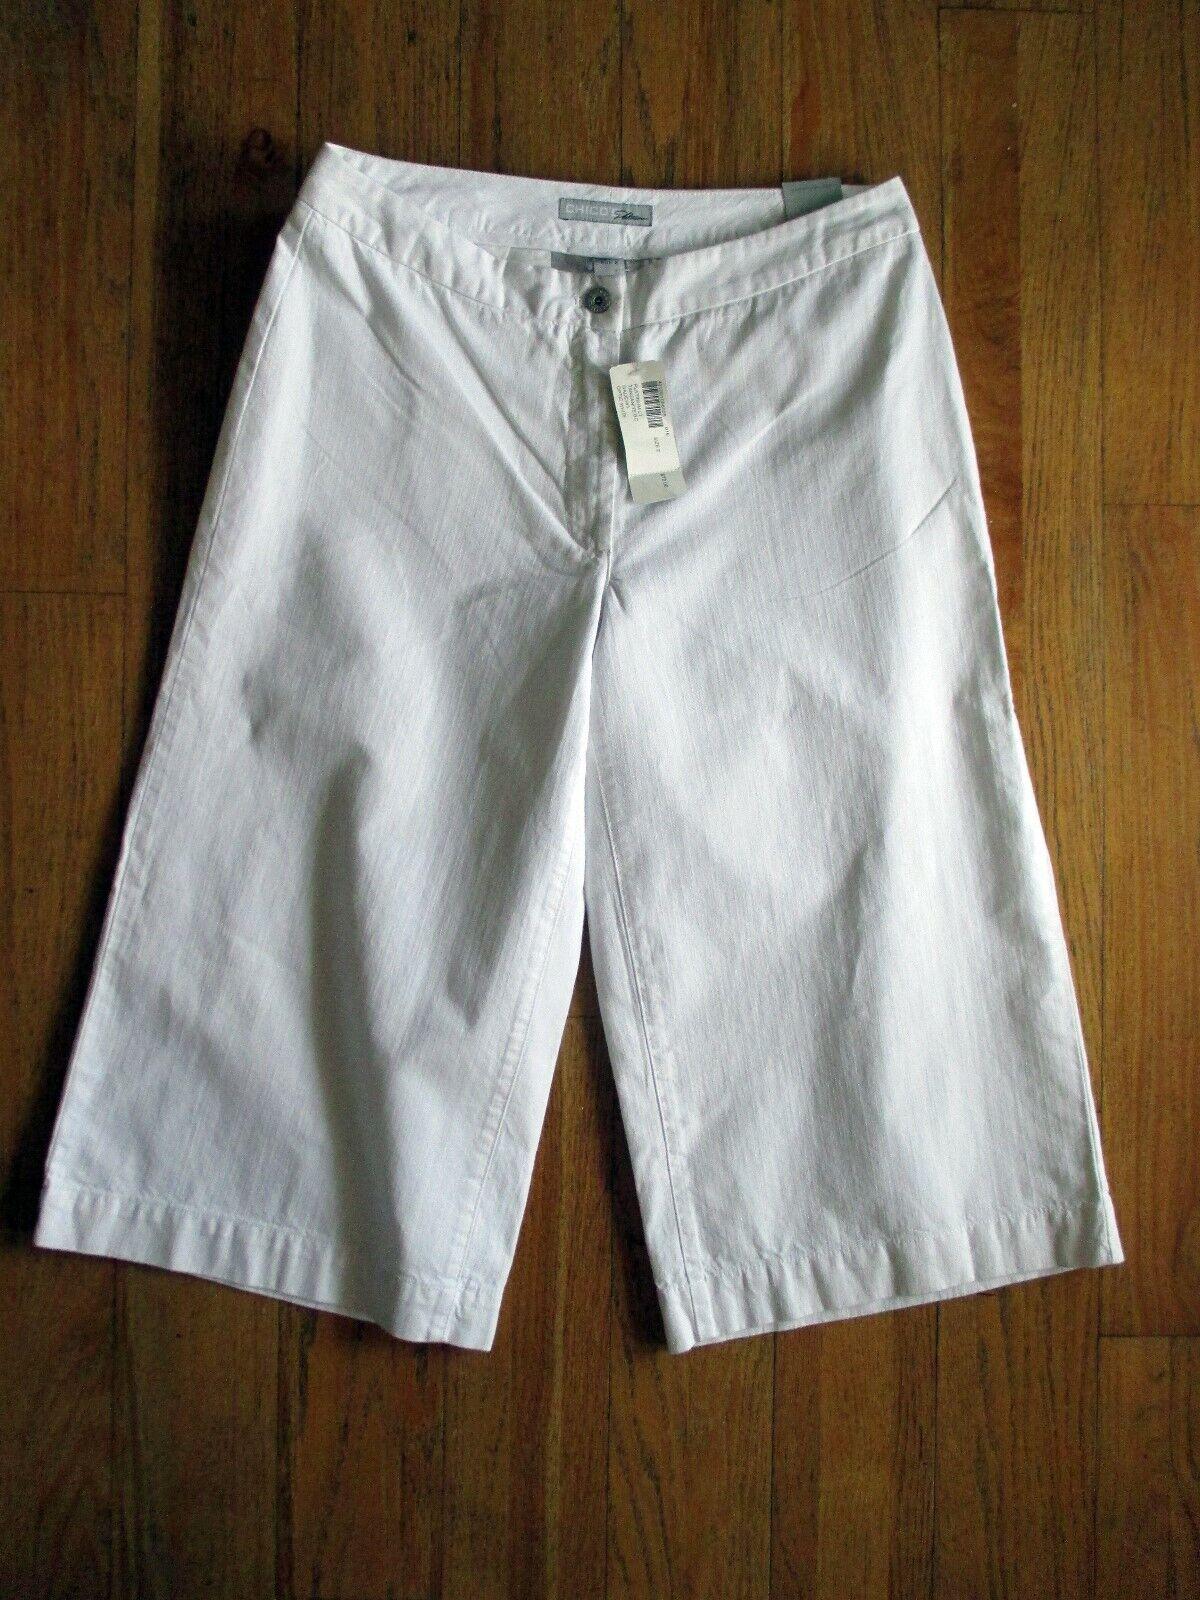 CHICO'S PLATINUM OPTIC WHITE GAUCHO PANTS NWT CAP… - image 1